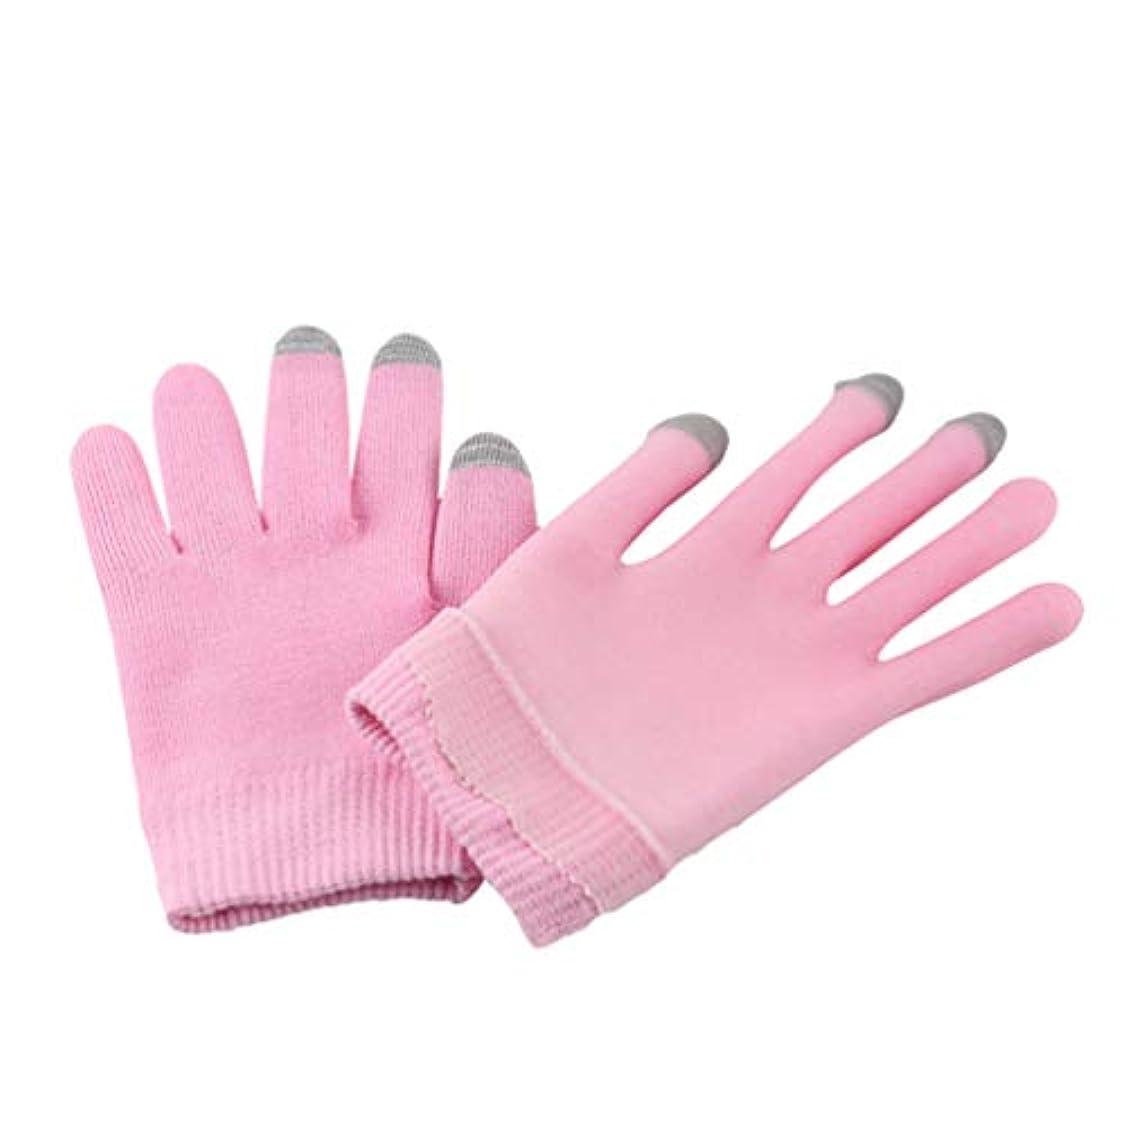 排泄物ハードリング保存HEALLILY 女性のためのタッチスクリーンの手袋の冬の暖かいテキストメッセージの指のtelefingersの手袋